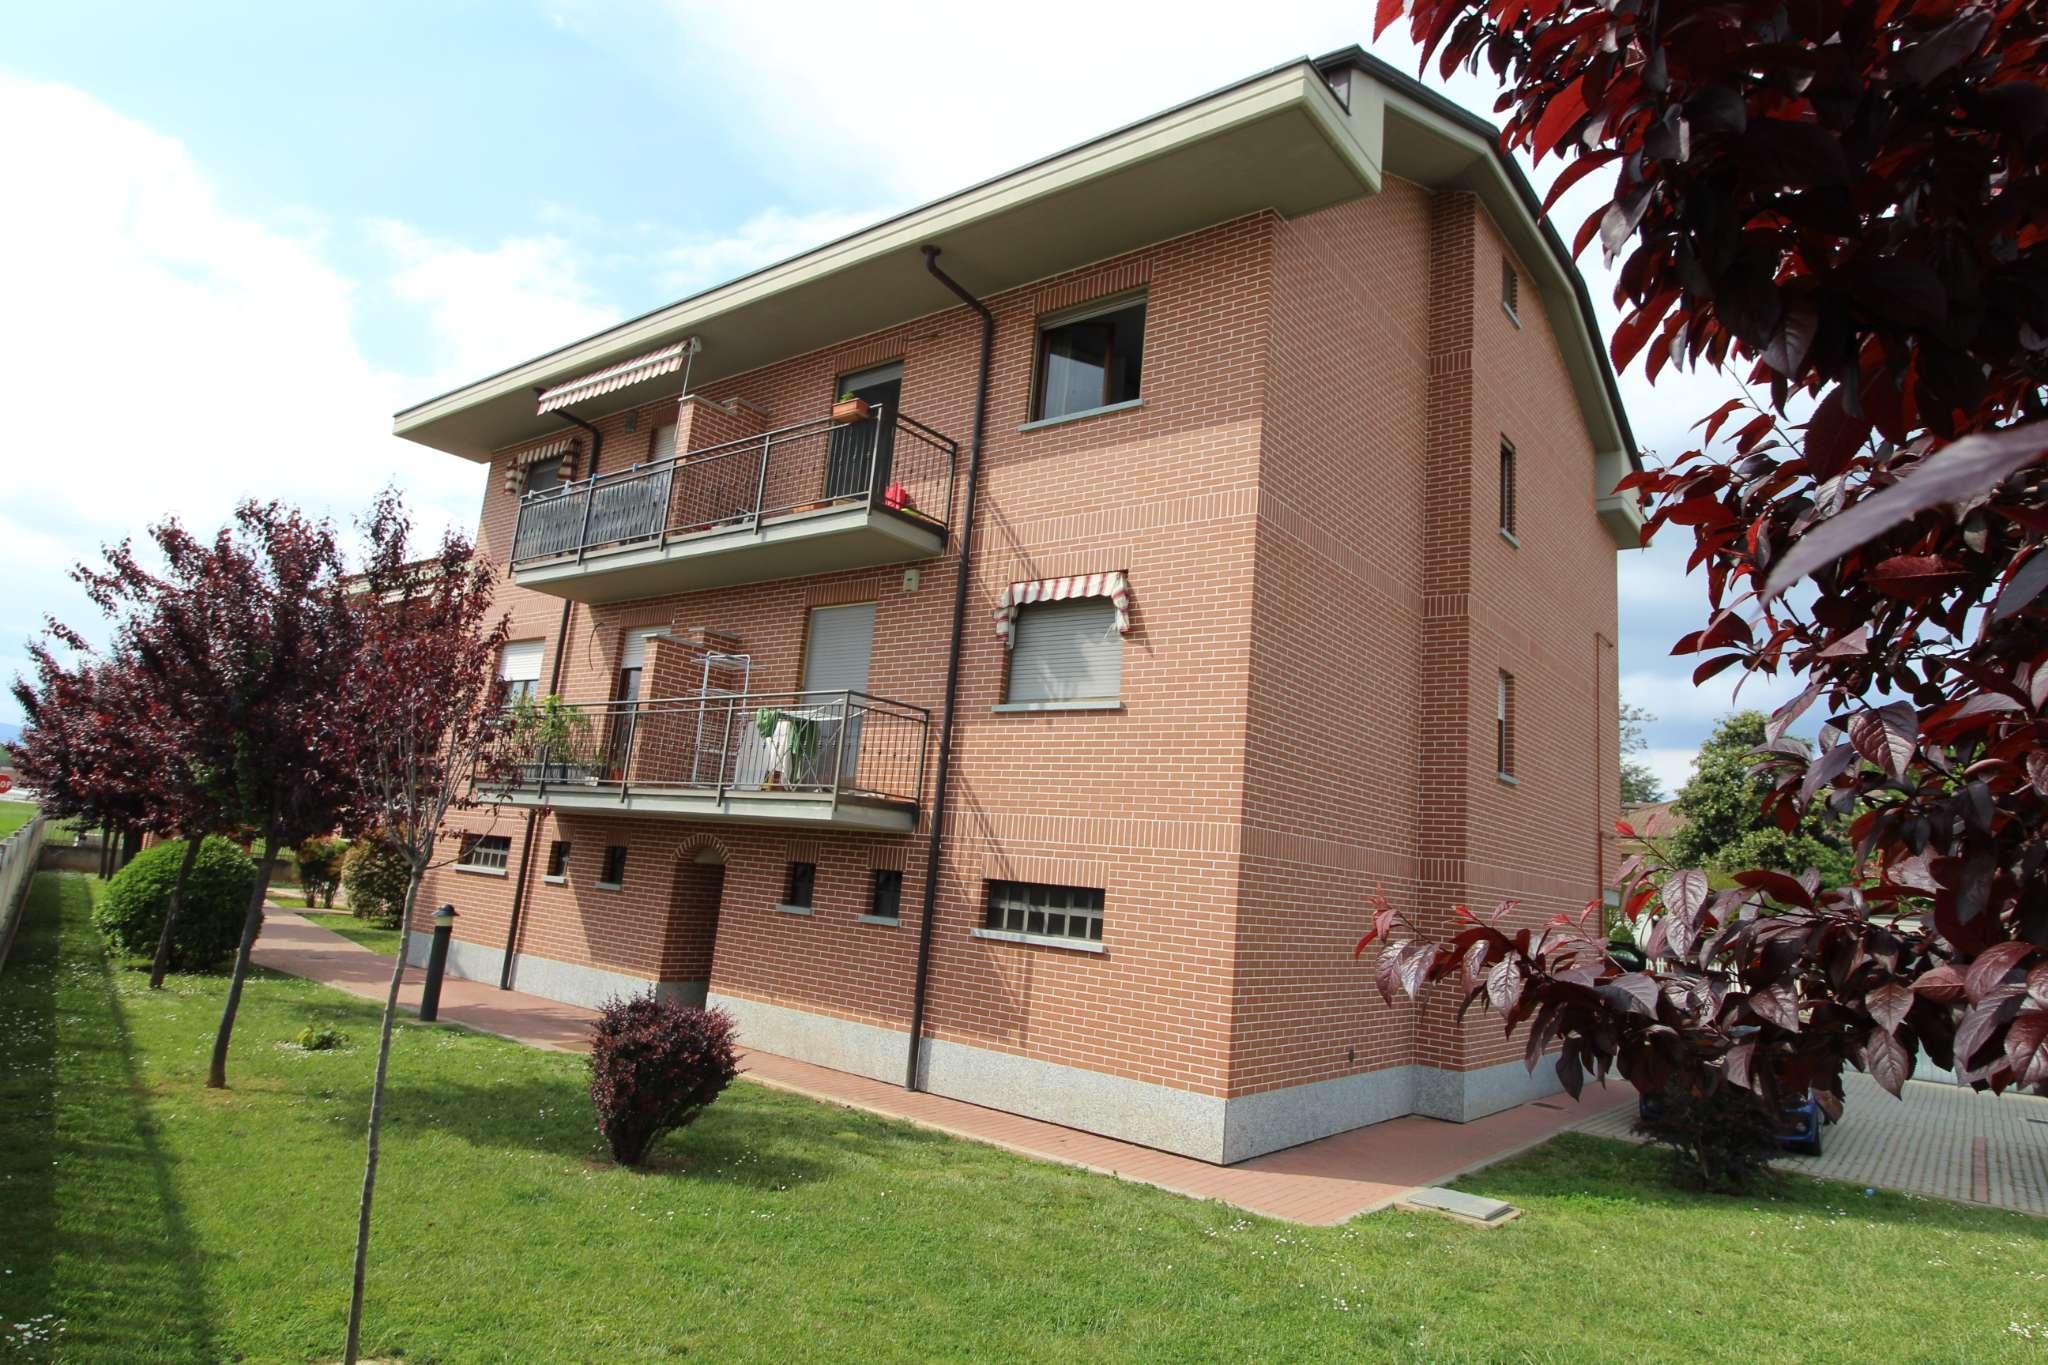 Appartamento in vendita a Candiolo, 4 locali, prezzo € 165.000 | CambioCasa.it